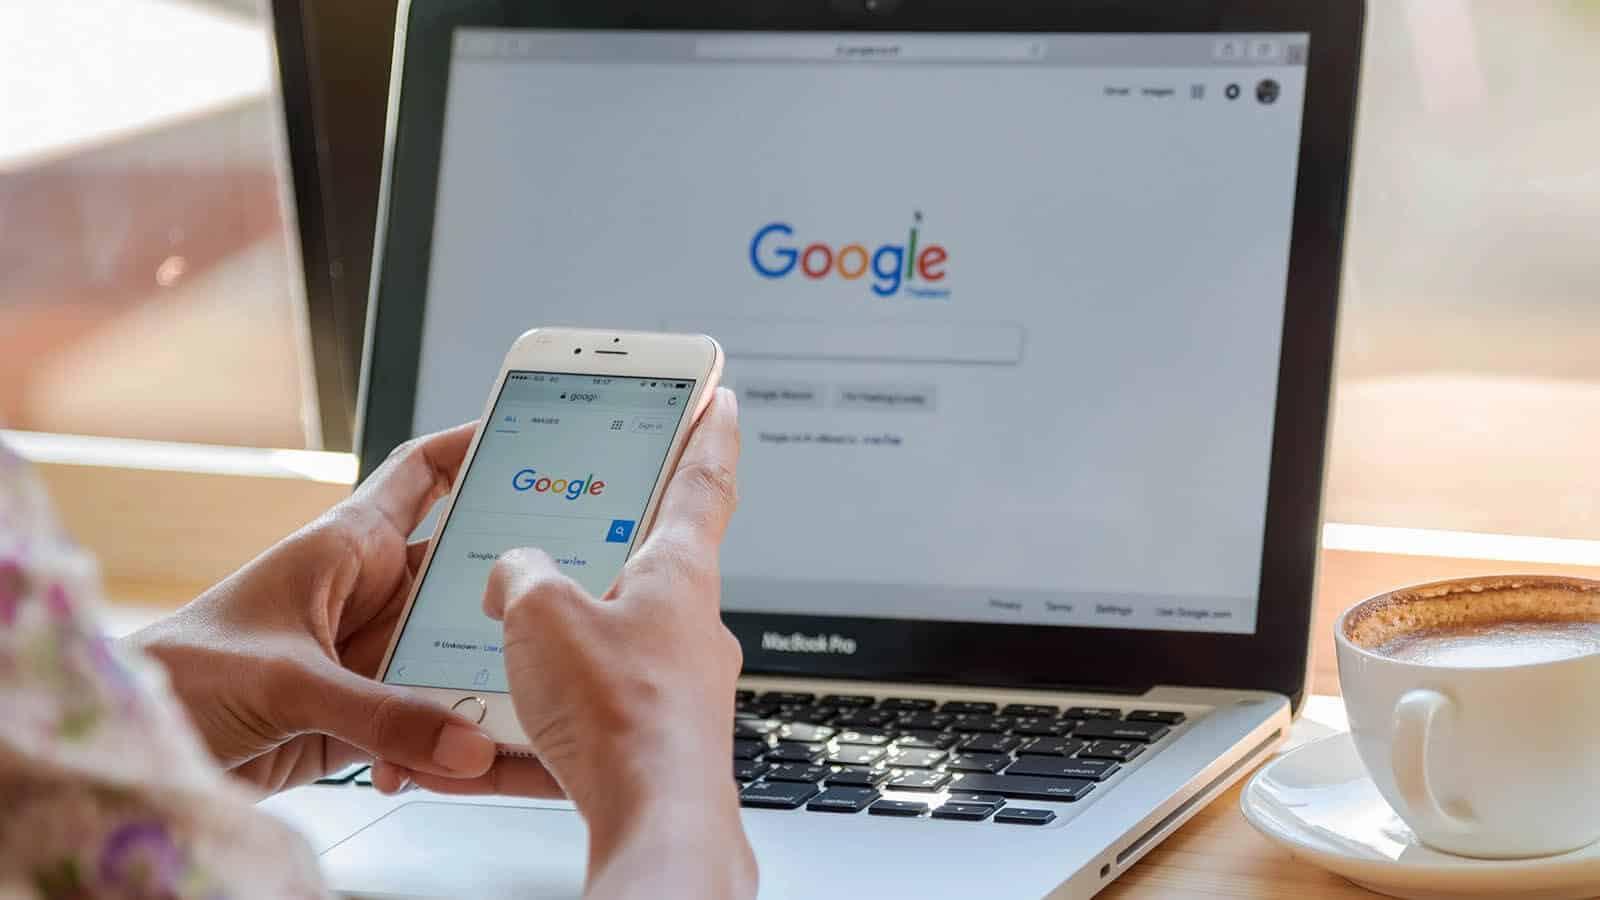 For første gang er kvalitet og relevans viktigere enn lenker og nøkkelord for å rangere høyere i Google-søk. Foto: Sirirat/Shutterstock